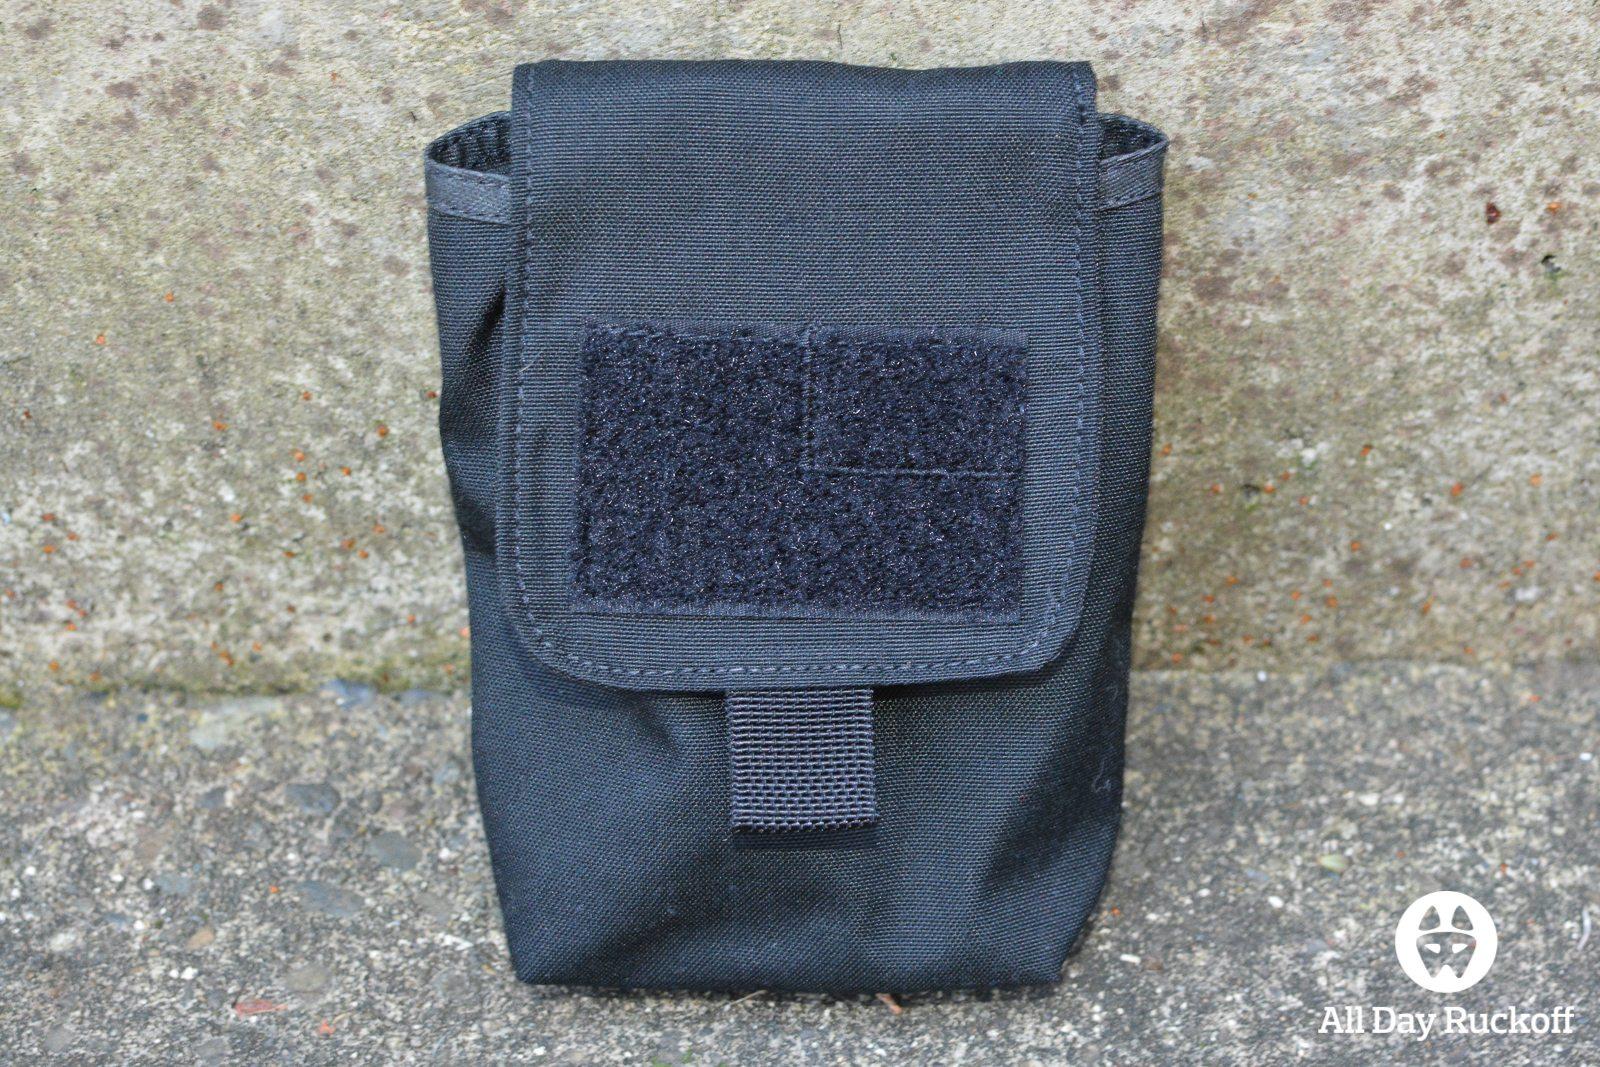 GORUCK Side Pocket Front